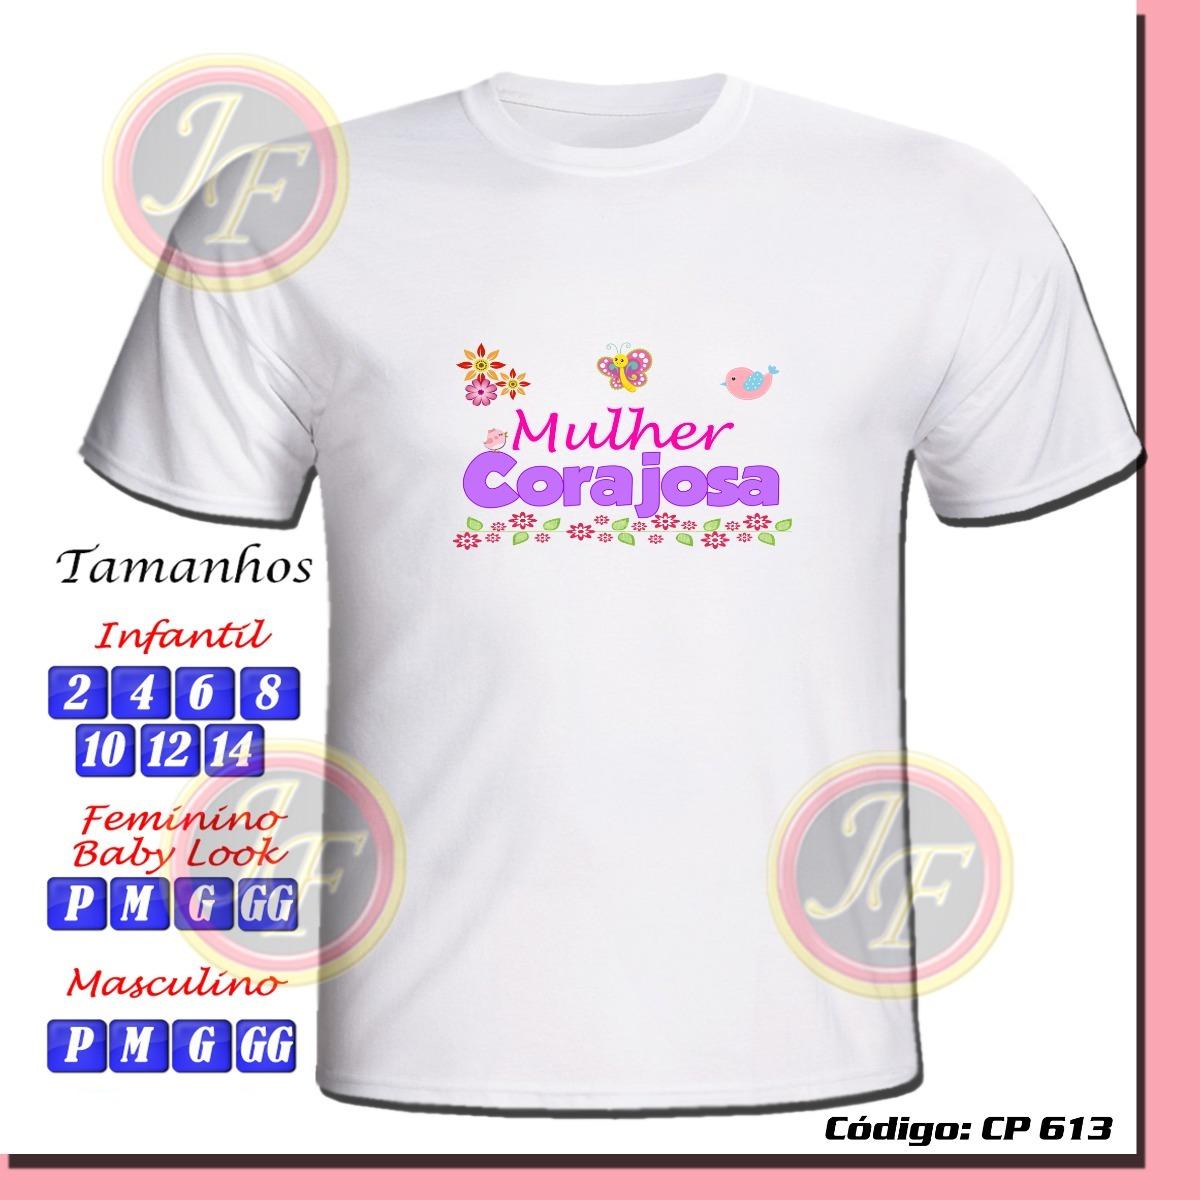 c6e7bf0098 camiseta personalizada adulto infantil cristã evangélica. Carregando zoom.